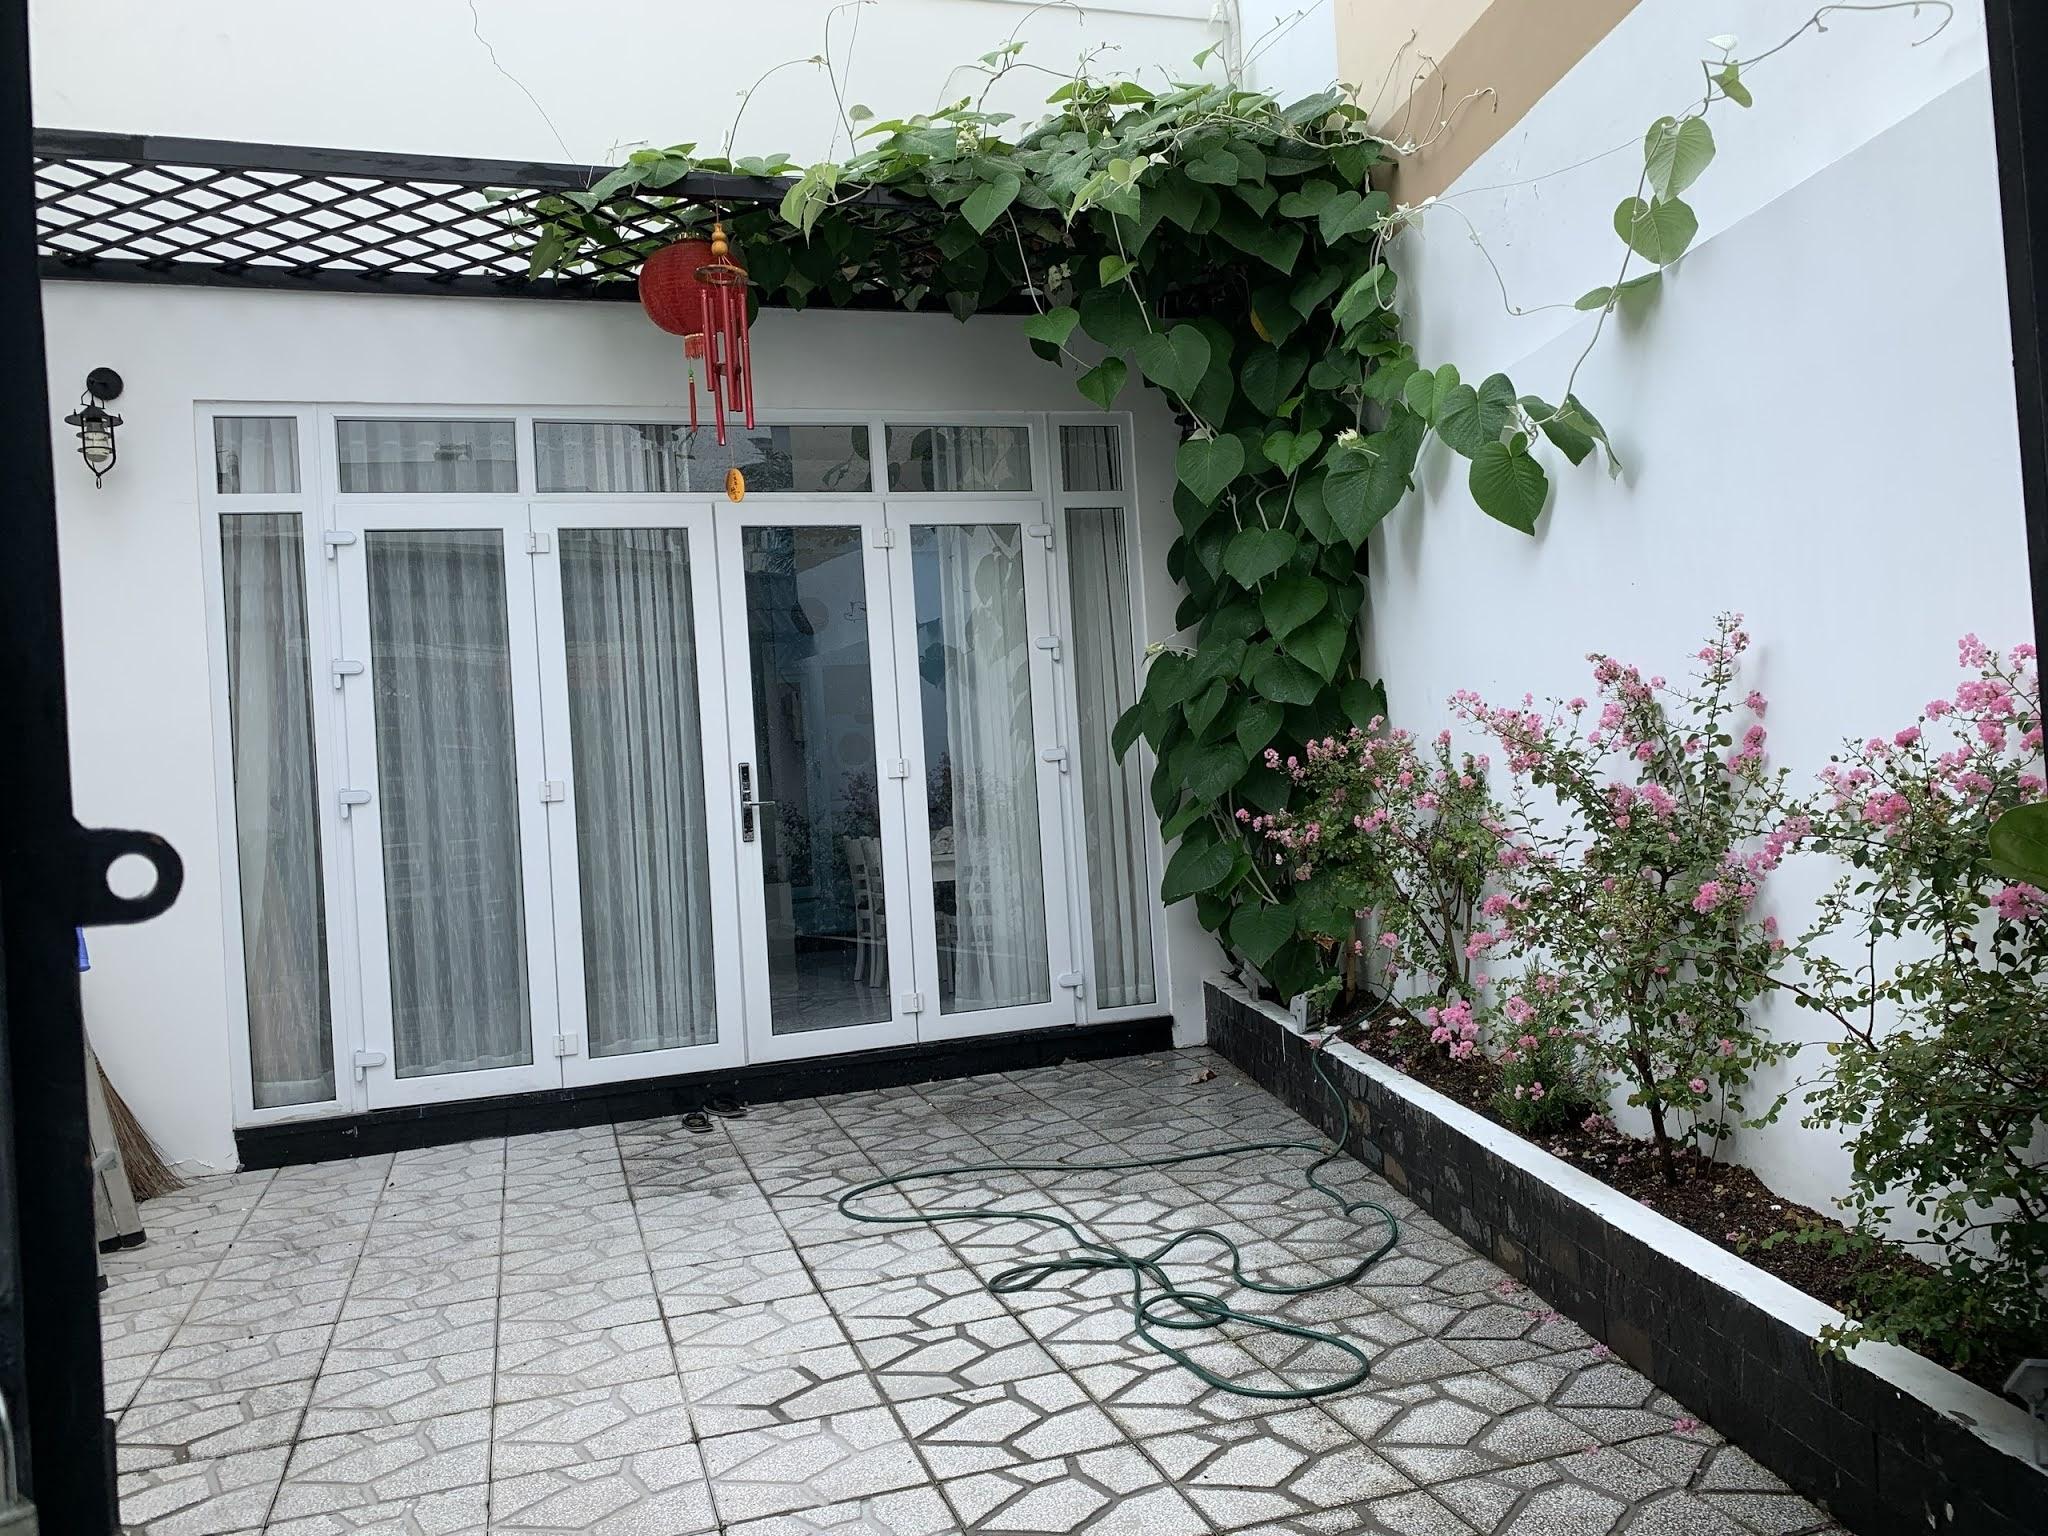 Bán nhà hẻm 251 Lê Quang Định phường 7 quận Bình Thạnh xe hơi vào nhà